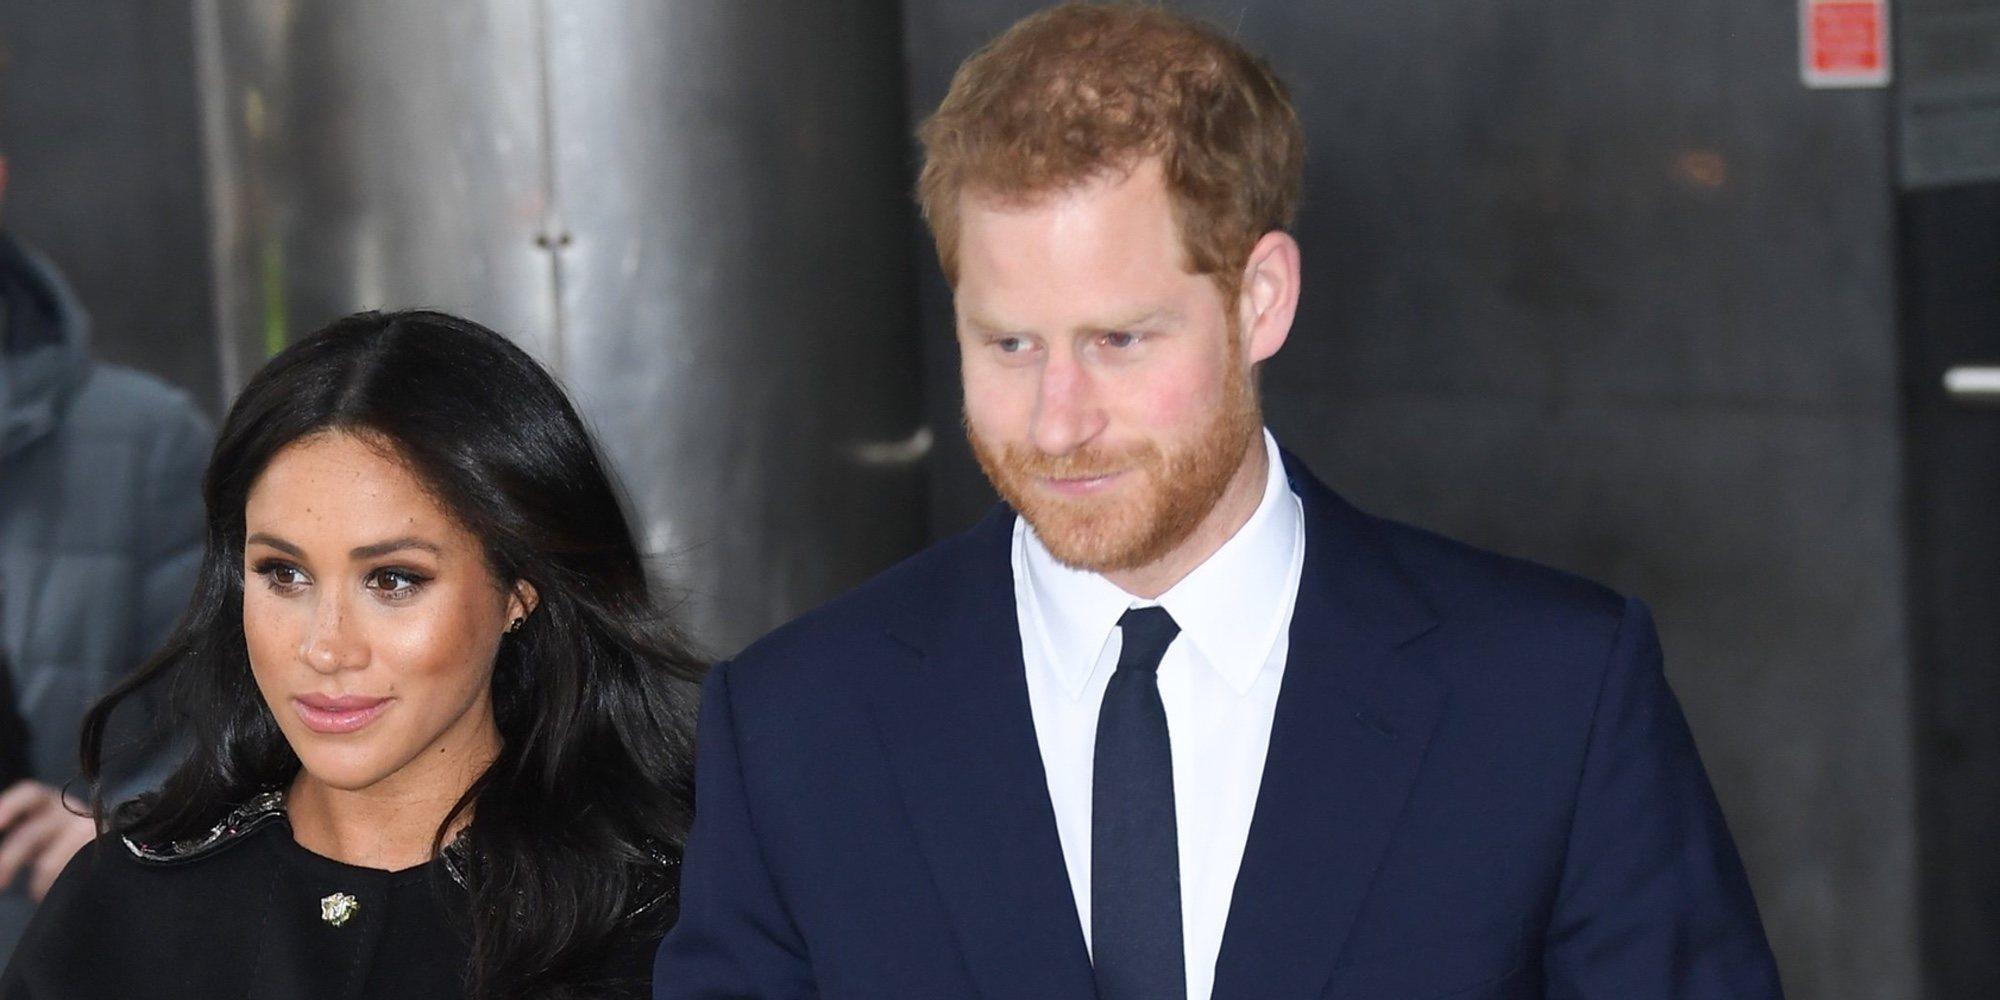 El hijo del Príncipe Harry y Meghan Markle tendrá que declarar impuestos en EE.UU.